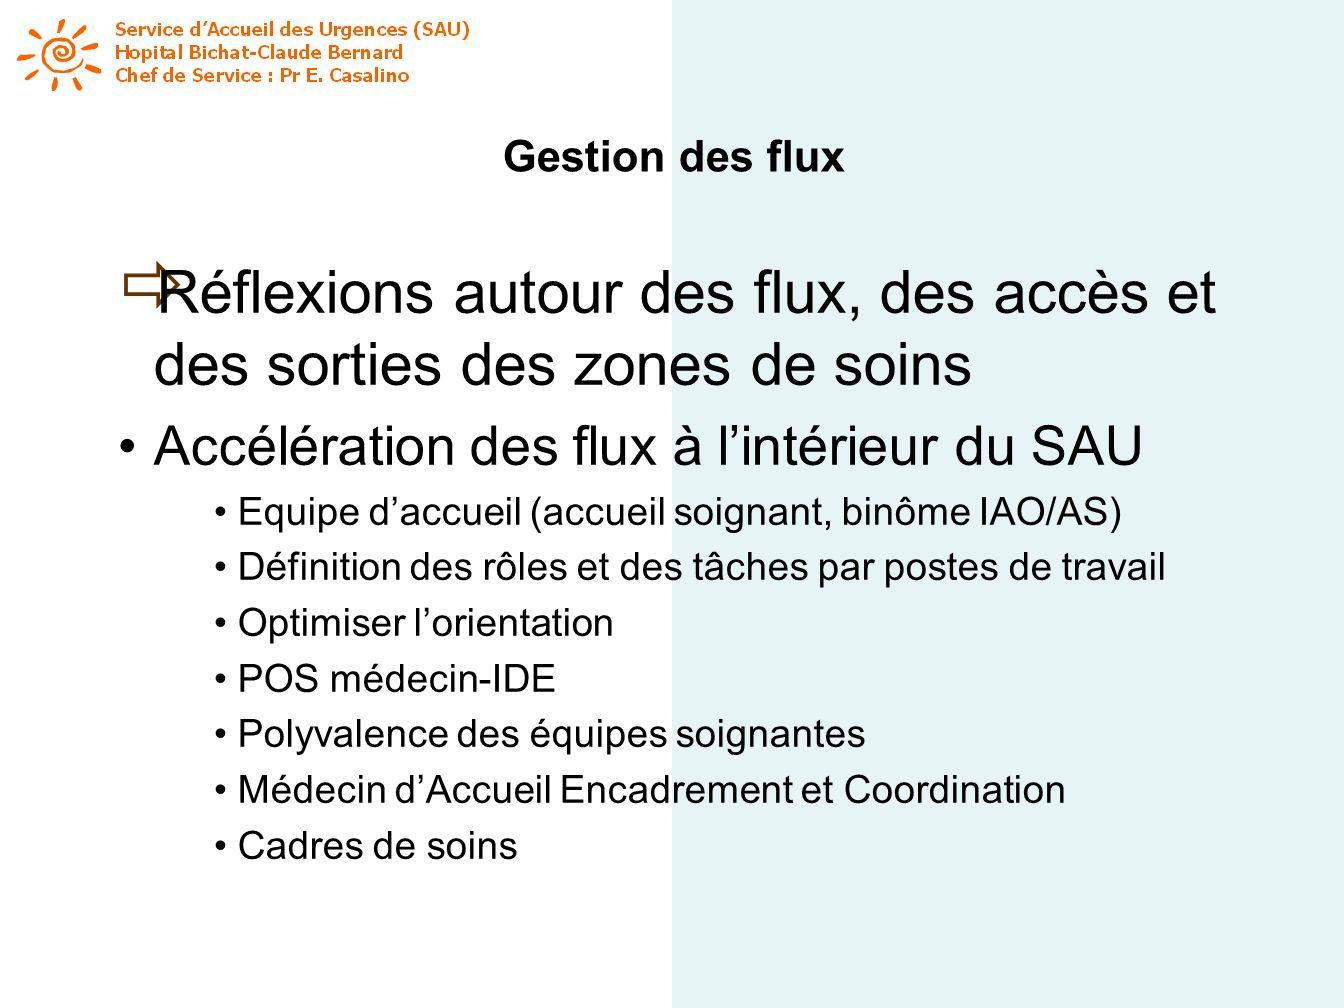 Gestion des flux Réflexions autour des flux, des accès et des sorties des zones de soins. Accélération des flux à l'intérieur du SAU.